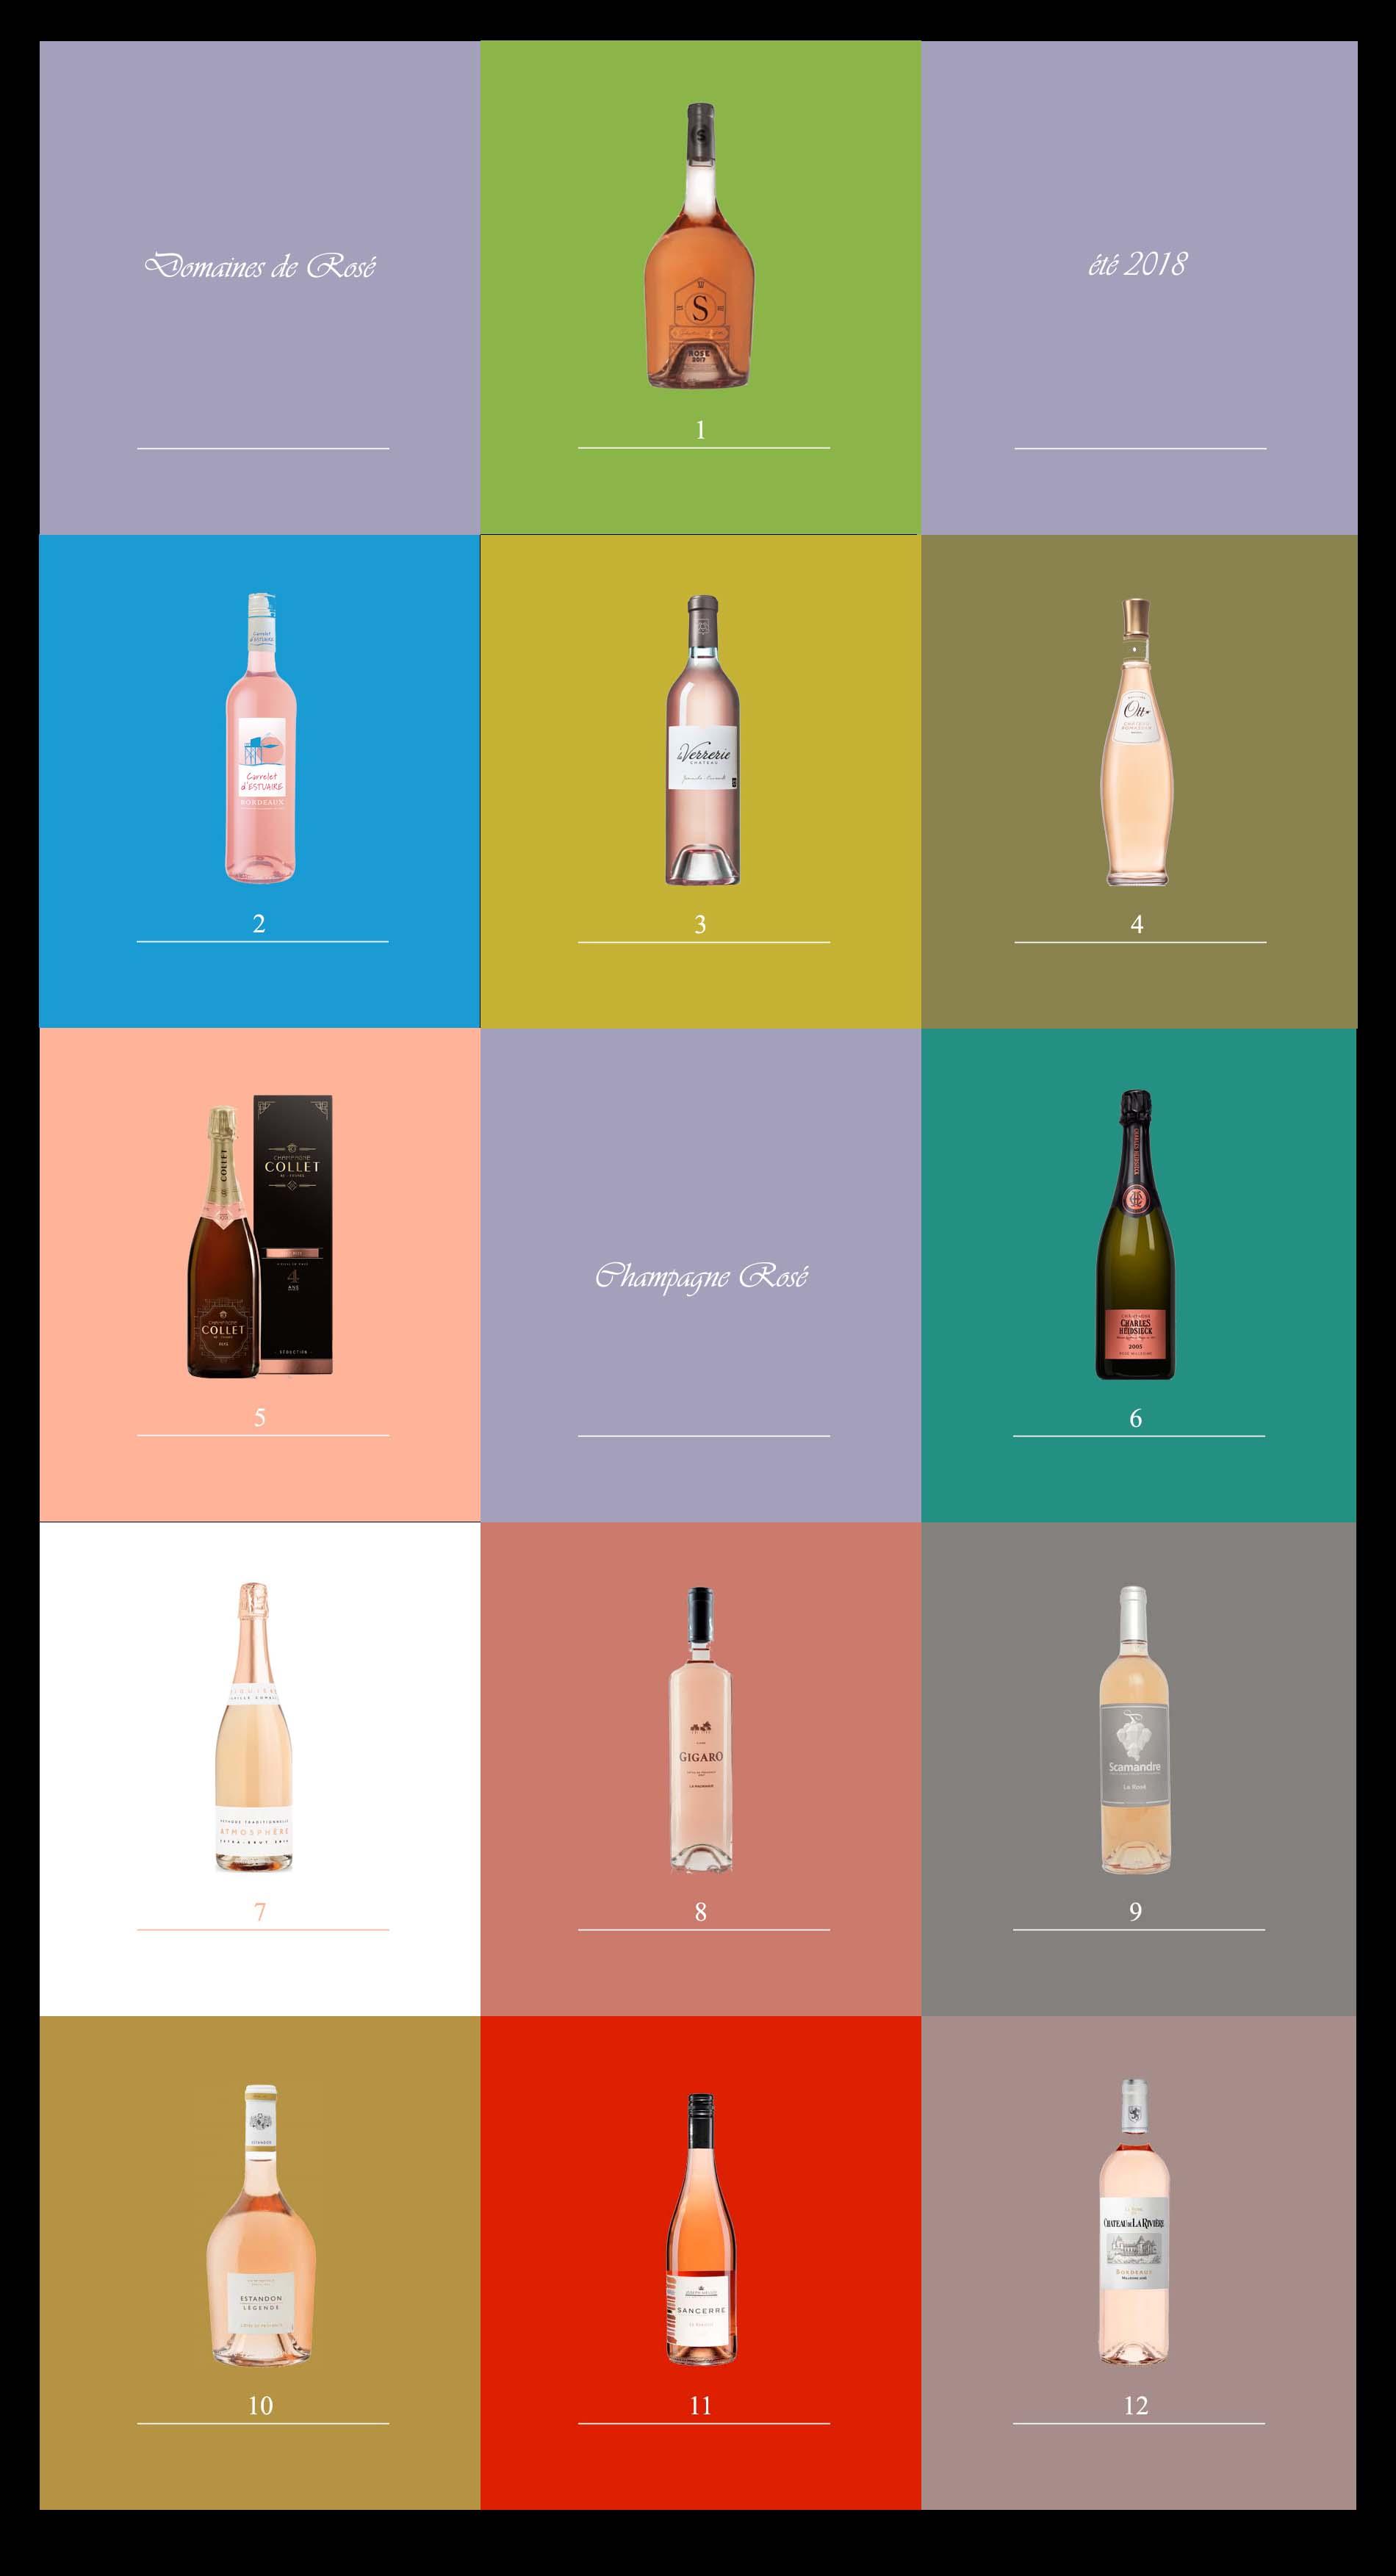 vin de rose de france